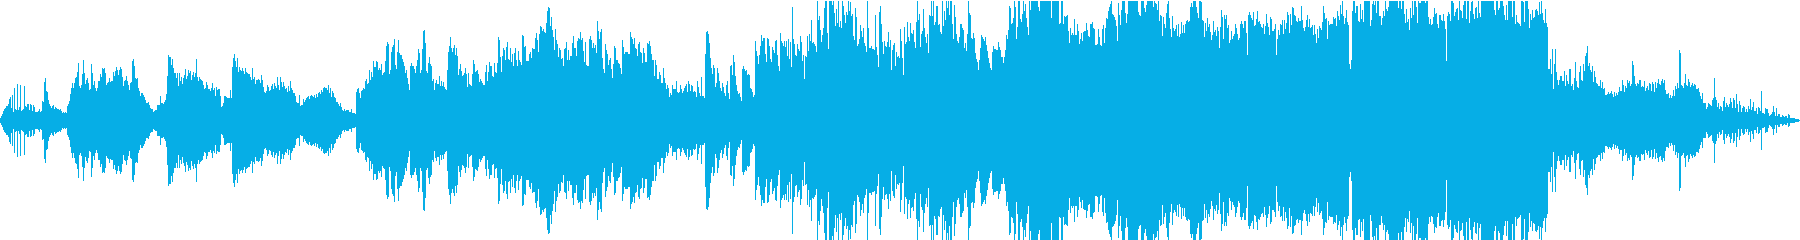 月の夜に戯れるイメージの曲の再生済みの波形